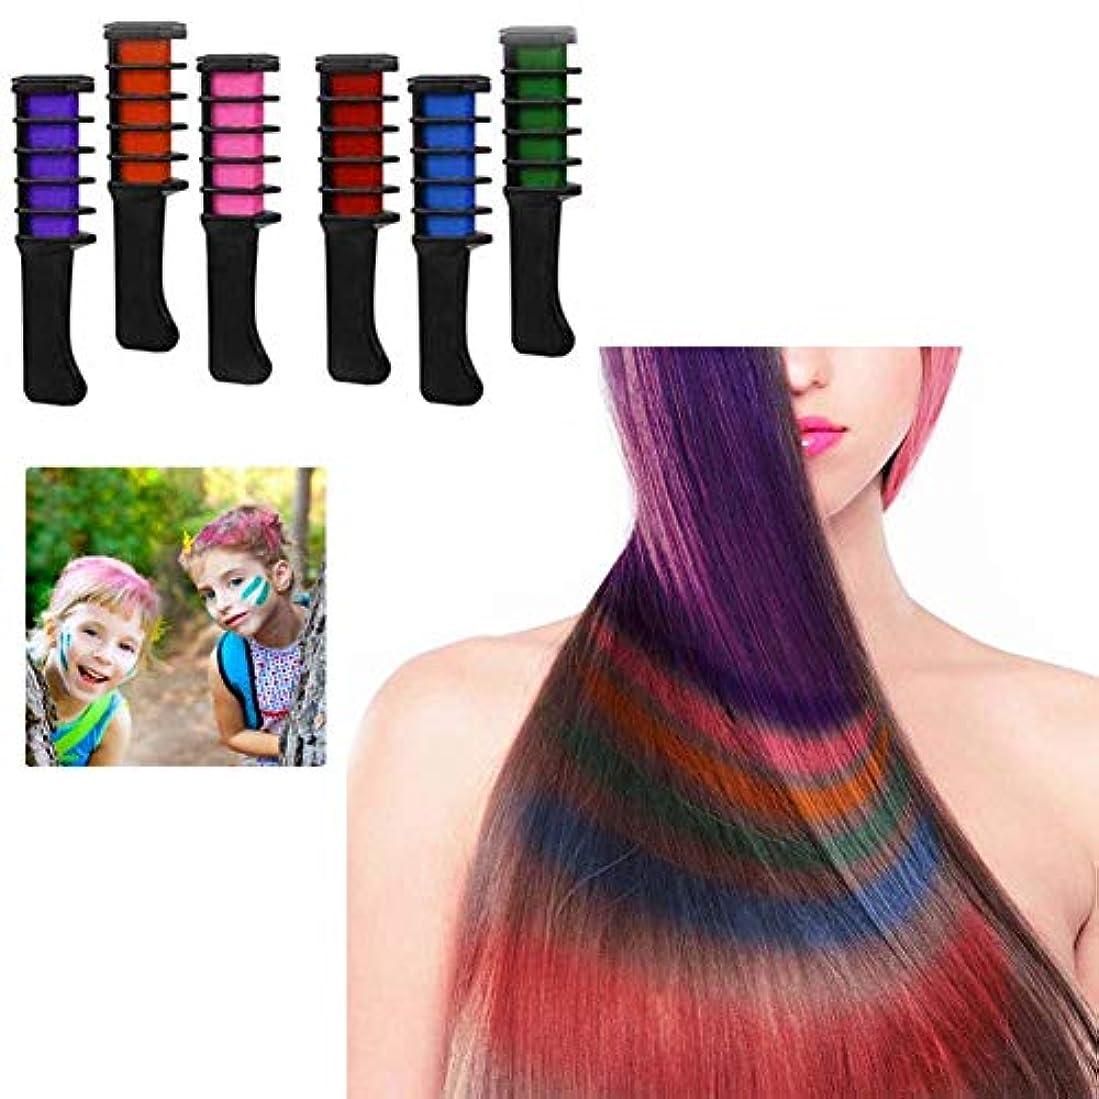 聖歌保証金同等の髪のチョークは子供の女の子のための一時的な髪の色を染めるすべての髪の色で動作しますアイデアクリスマスギフトブラックハンドル6色